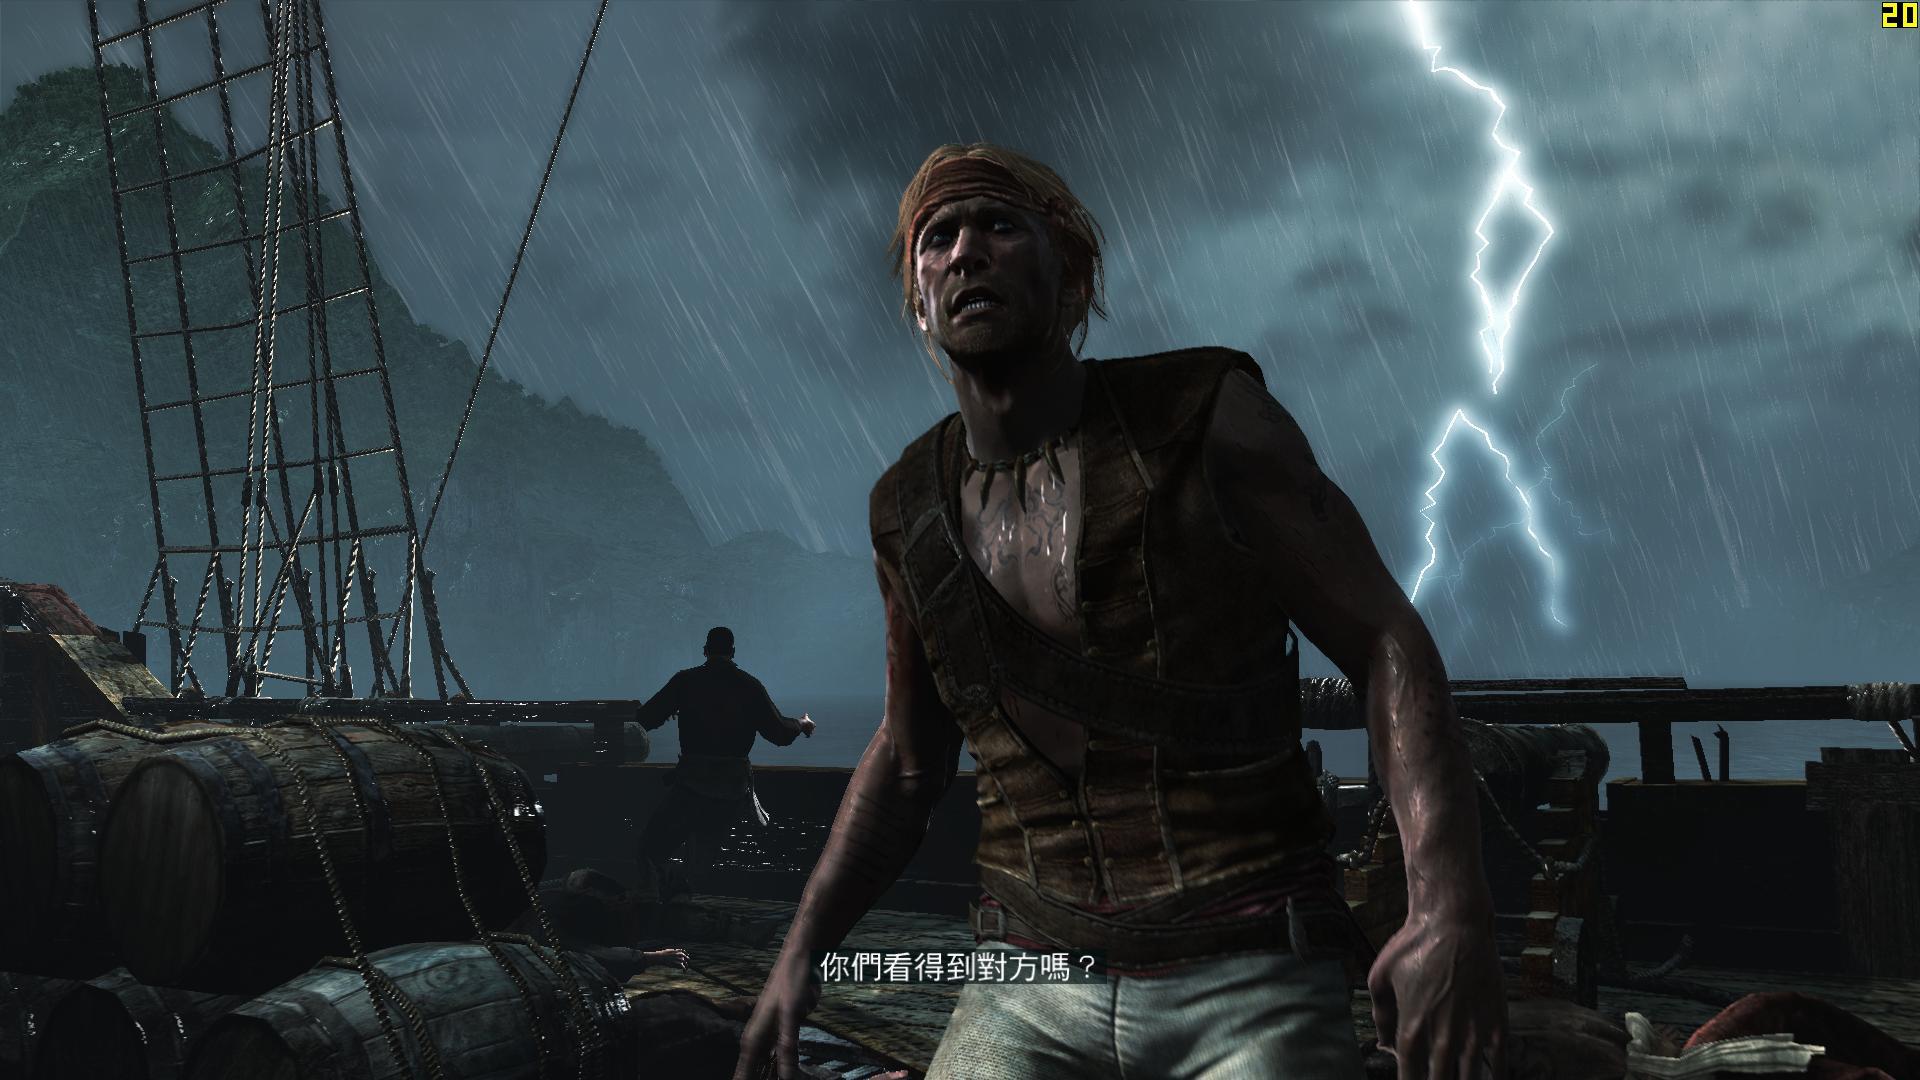 《刺客信条4:黑旗》免安装简体中文绿色版